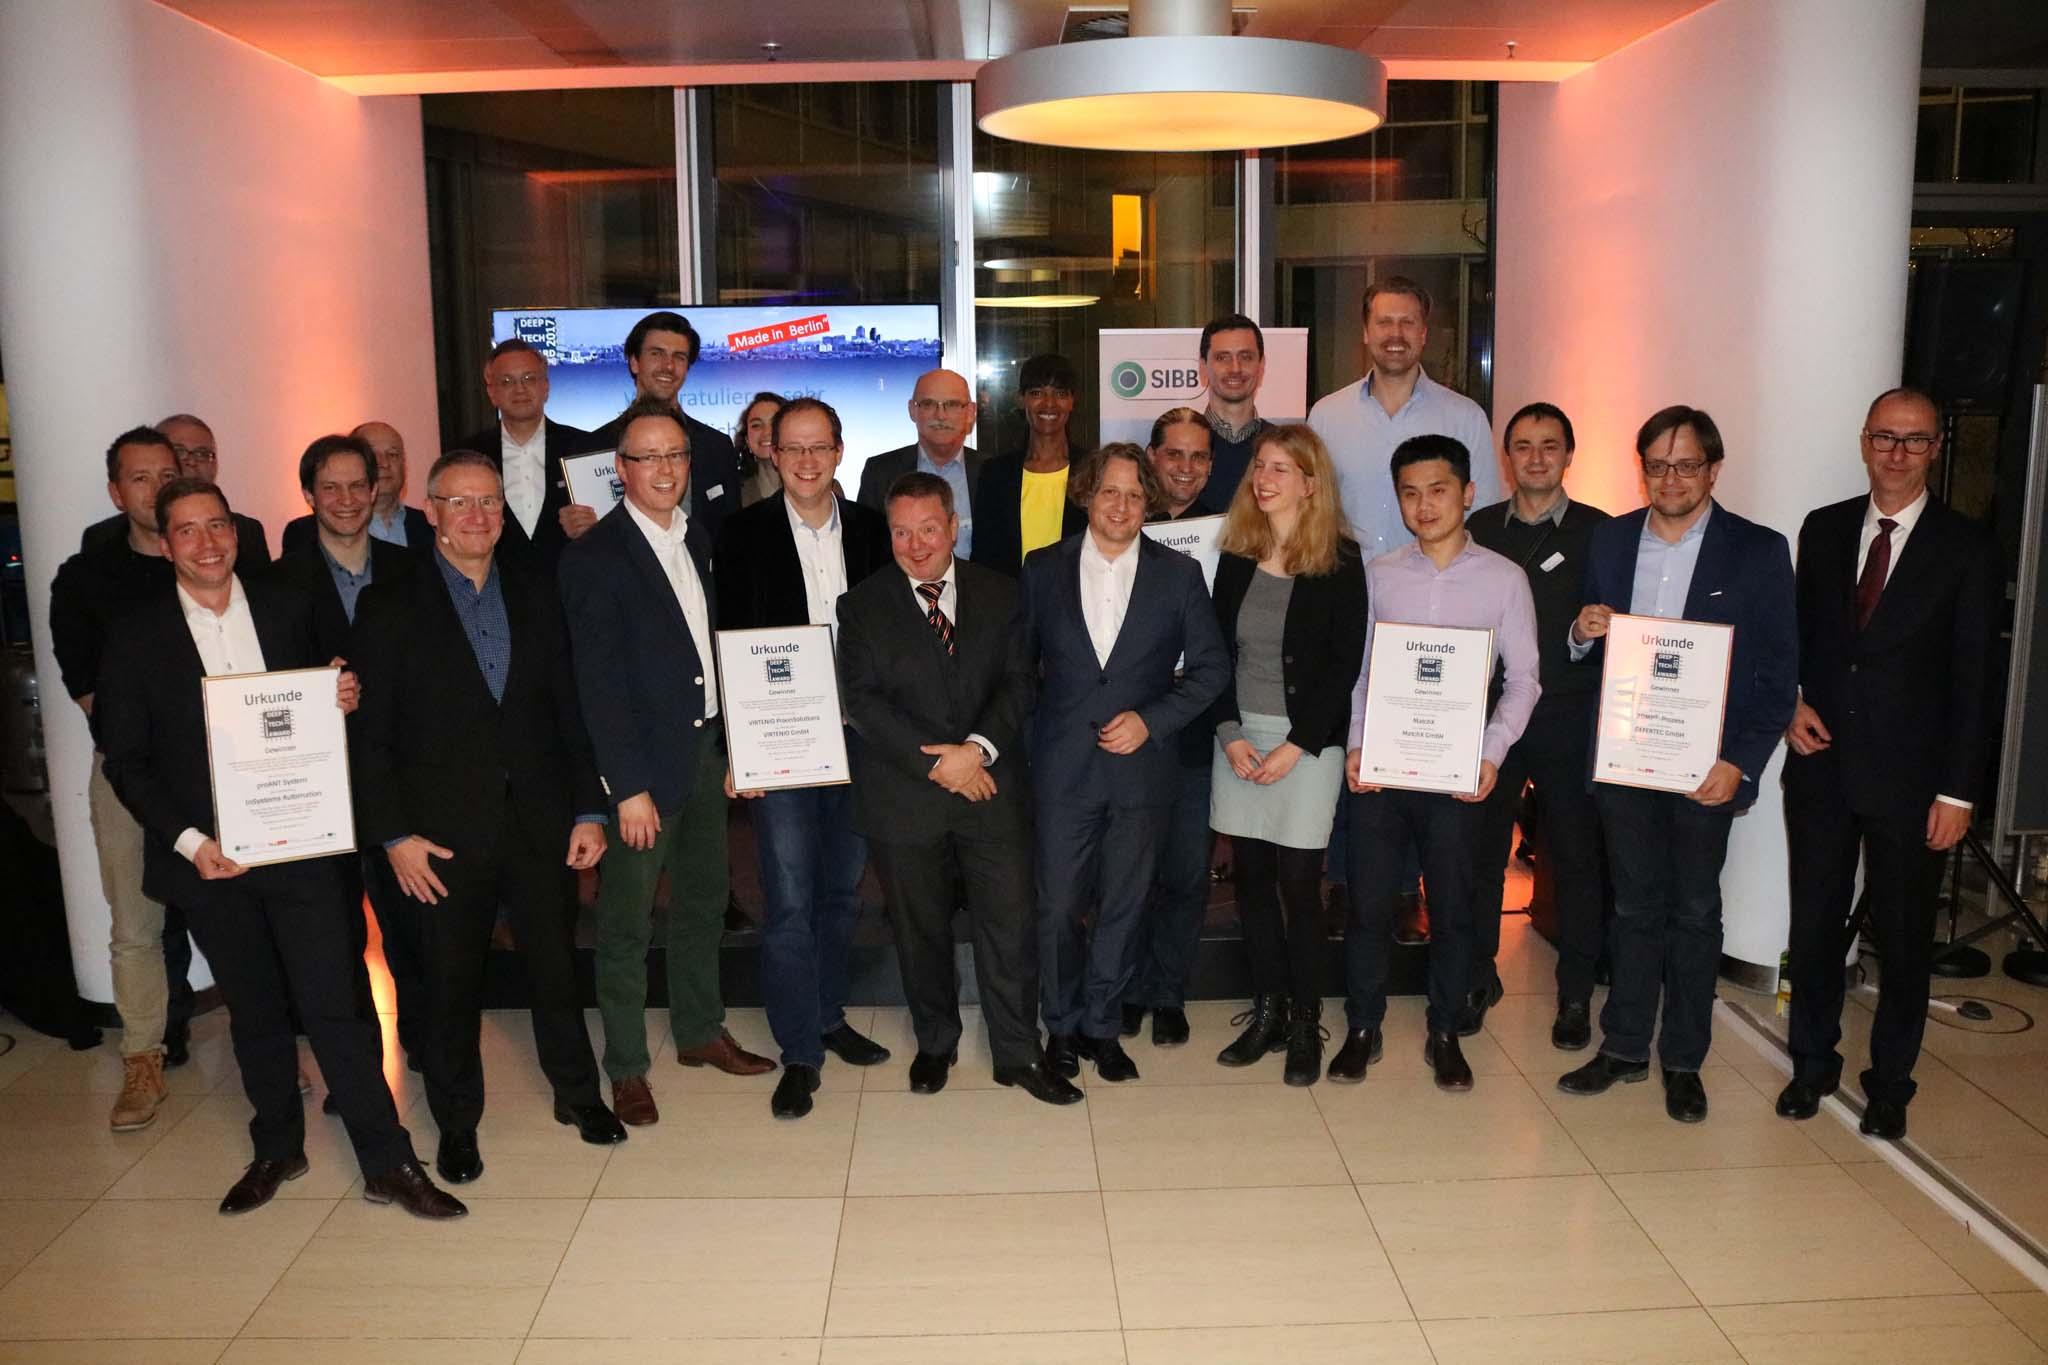 Bild mit Preisträgern des Deeptechawards 2017